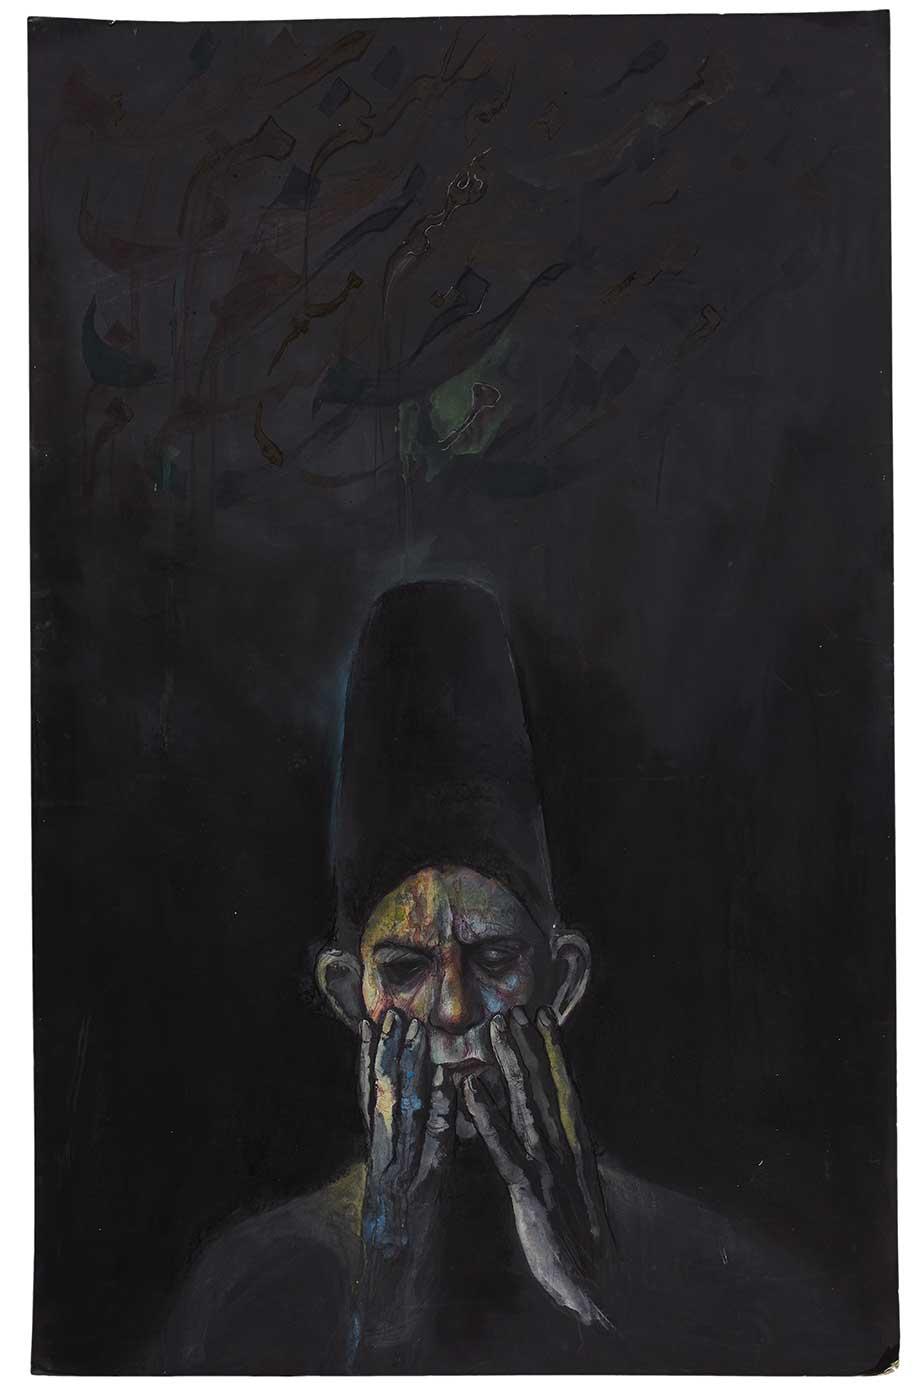 Ebrahim Bagheri Zadeh - The Eastern Desire